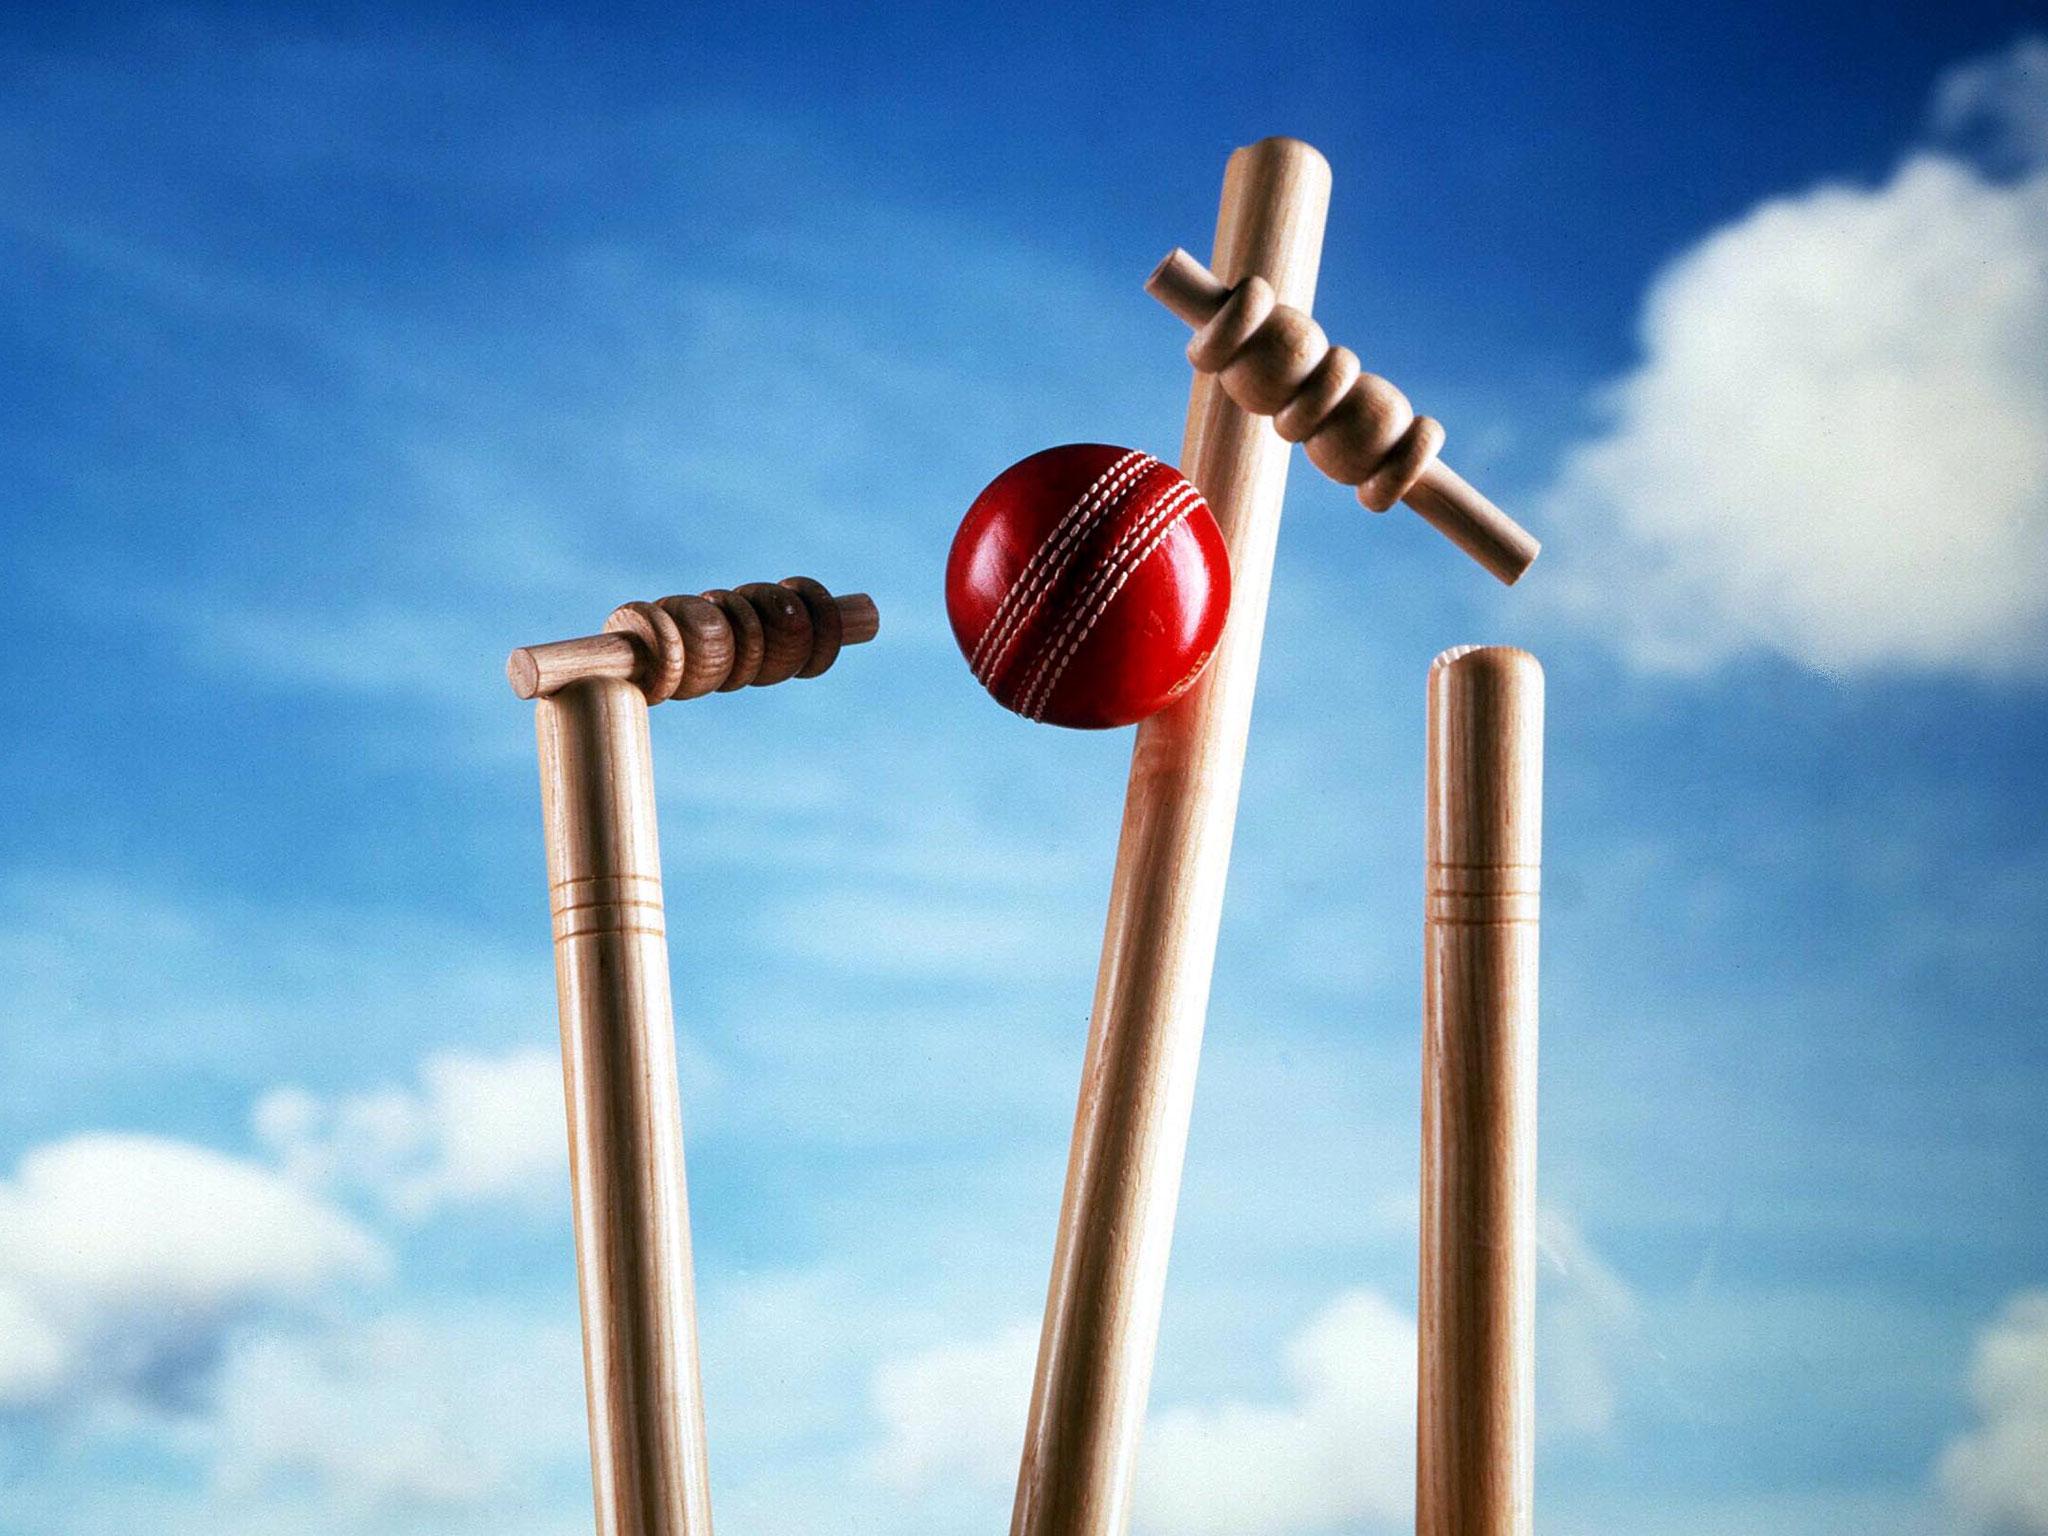 आने वाले समय में इंग्लैड को मिल सकता है विश्व का सर्वश्रेष्ठ स्पिनर,13 वर्षीय इस गेंदबाज ने दिखाया अपना दम 1